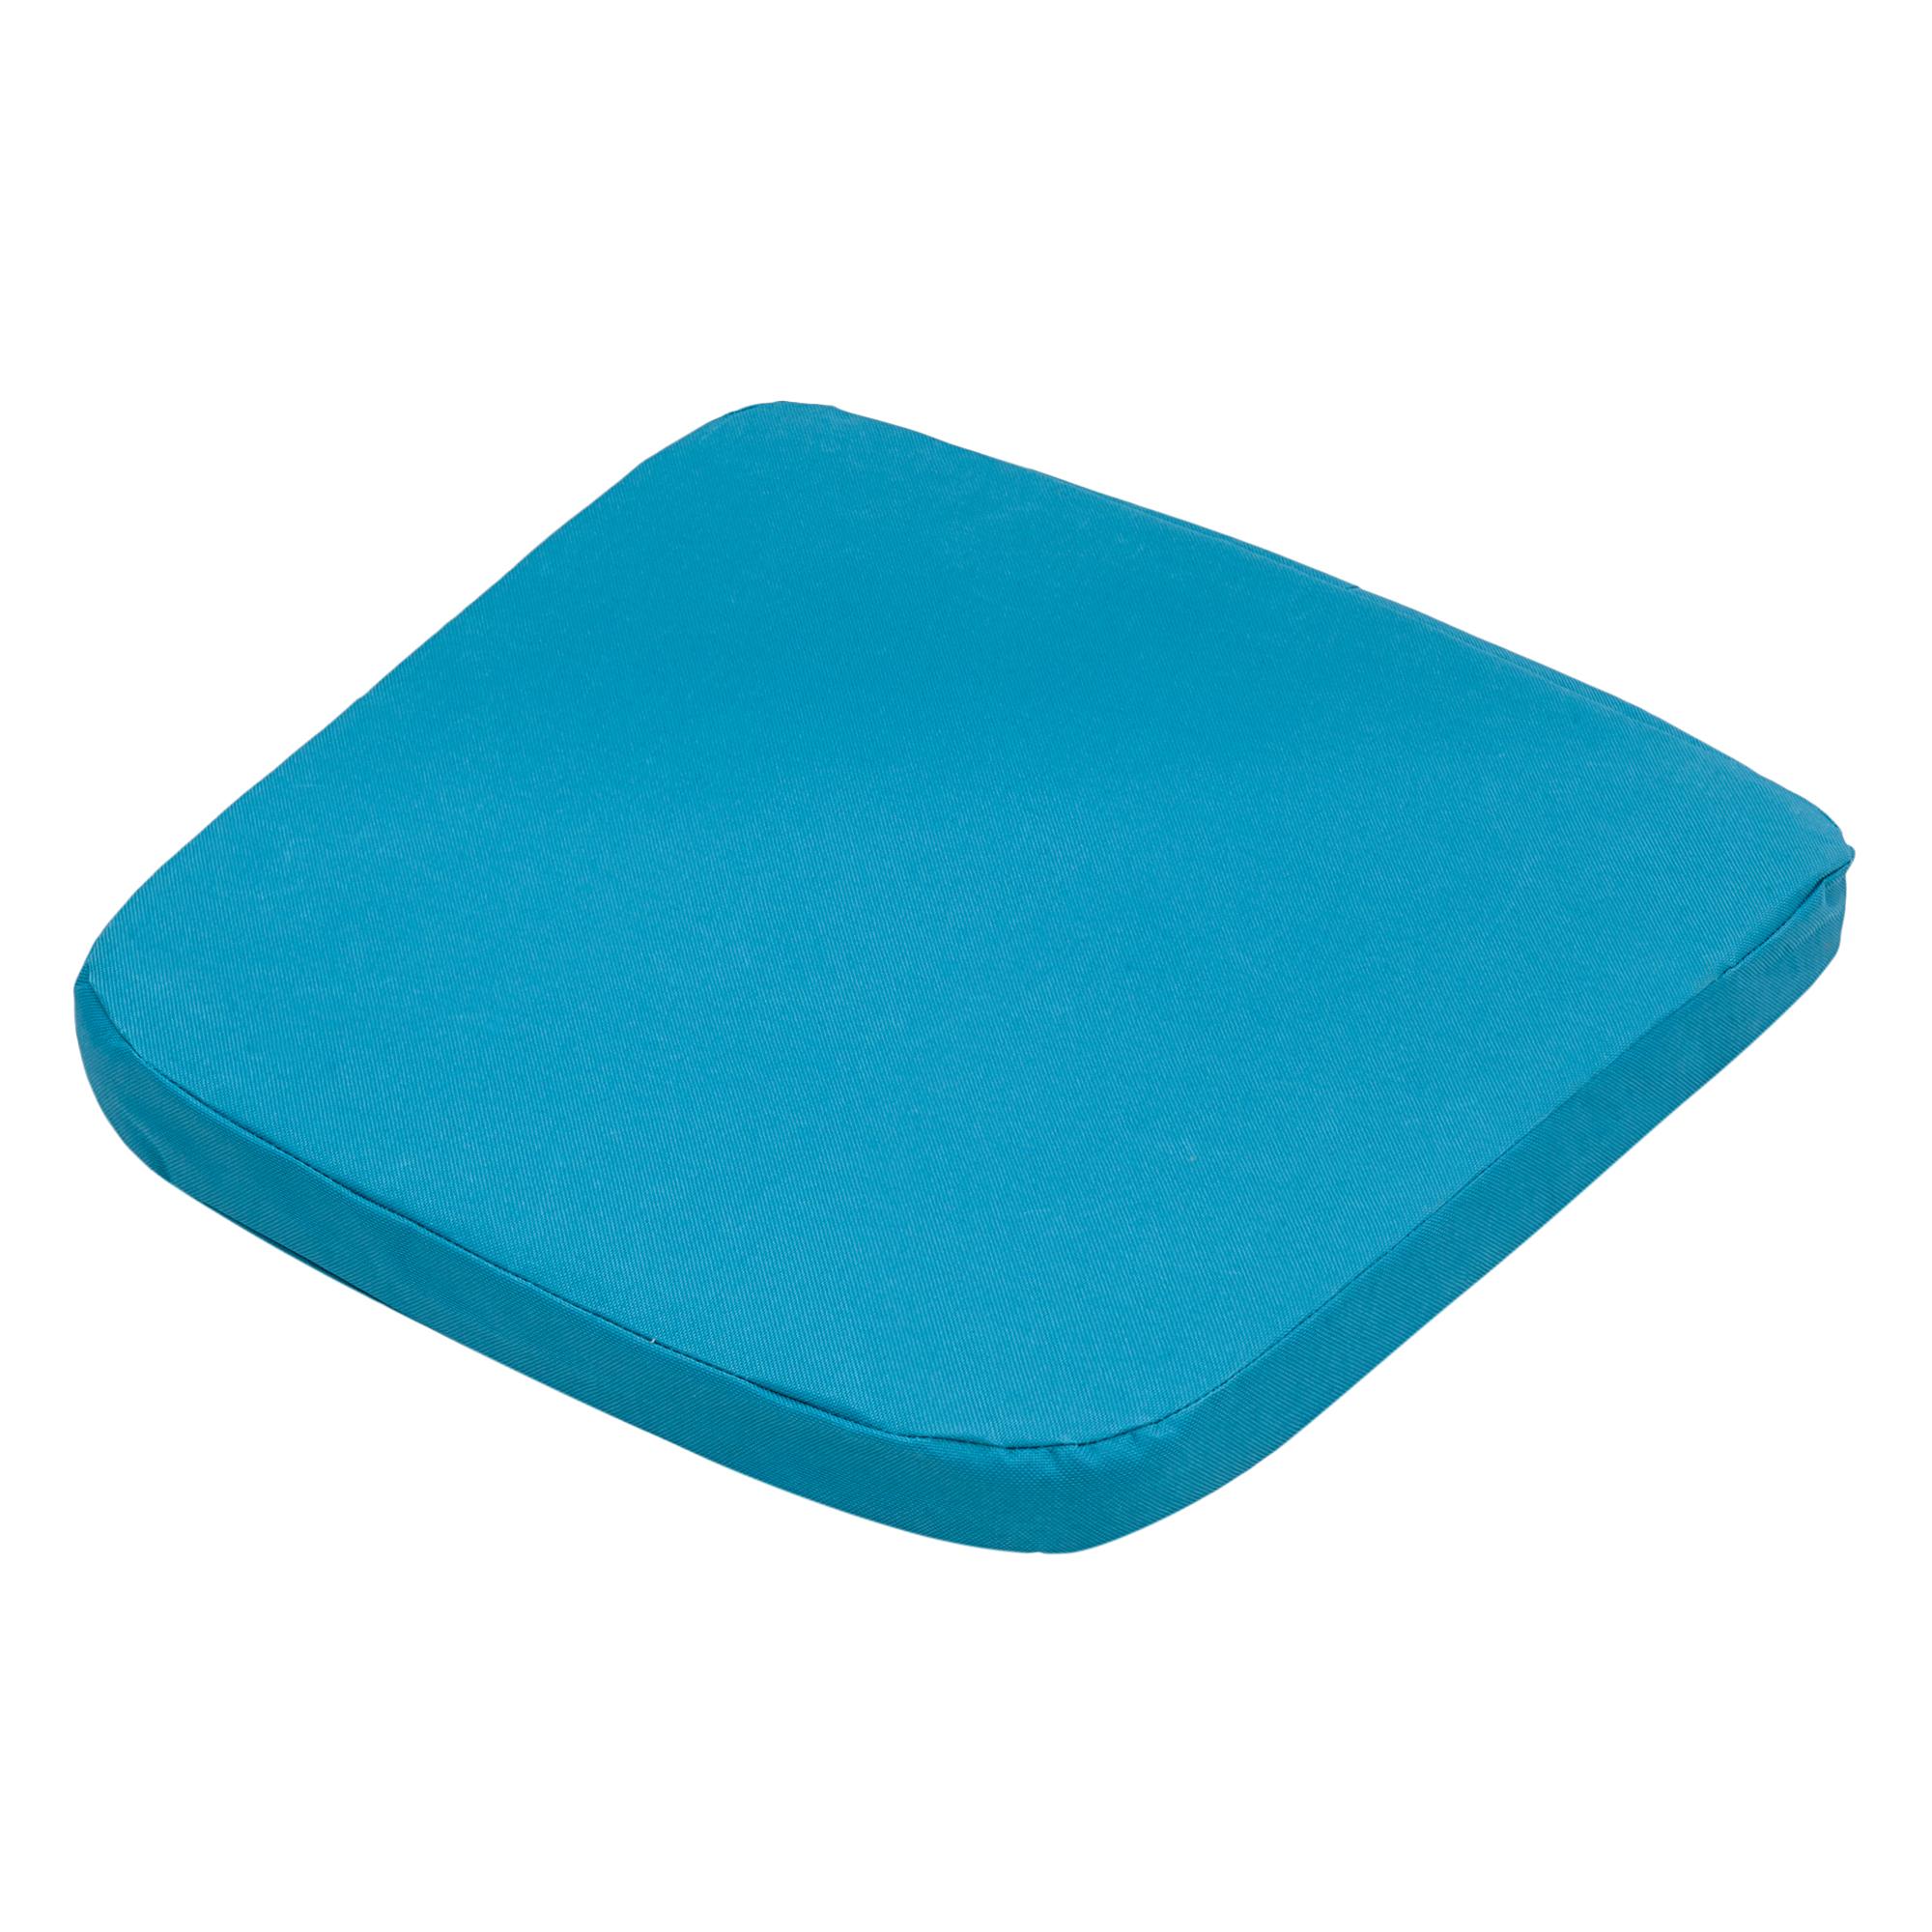 Подушка для стула 46х46 см Koopman furniture (HZ1010330) фото